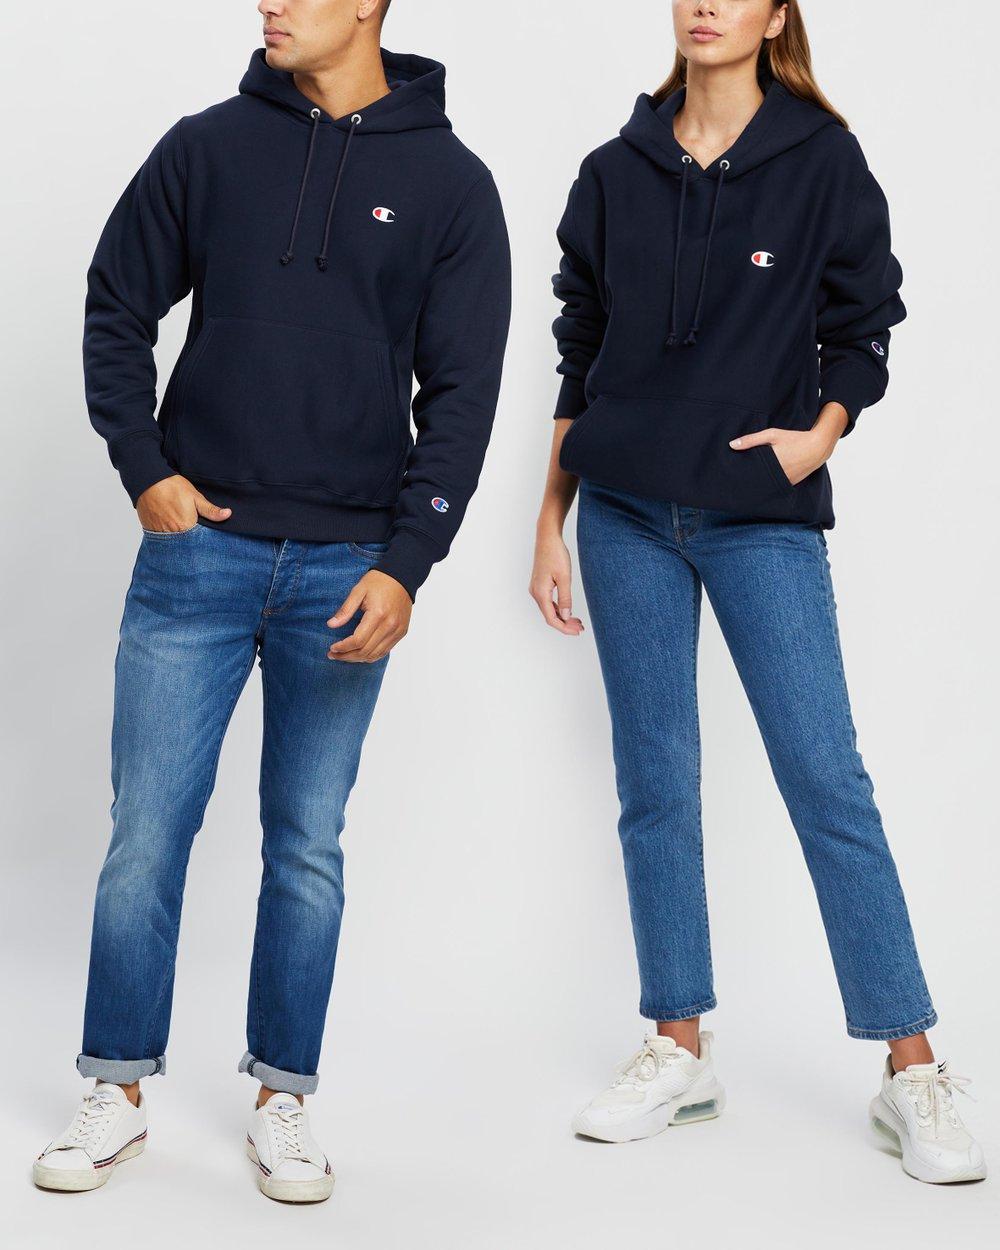 aanbod tijdloos design exclusief assortiment Reverse Weave Pullover Hoodie